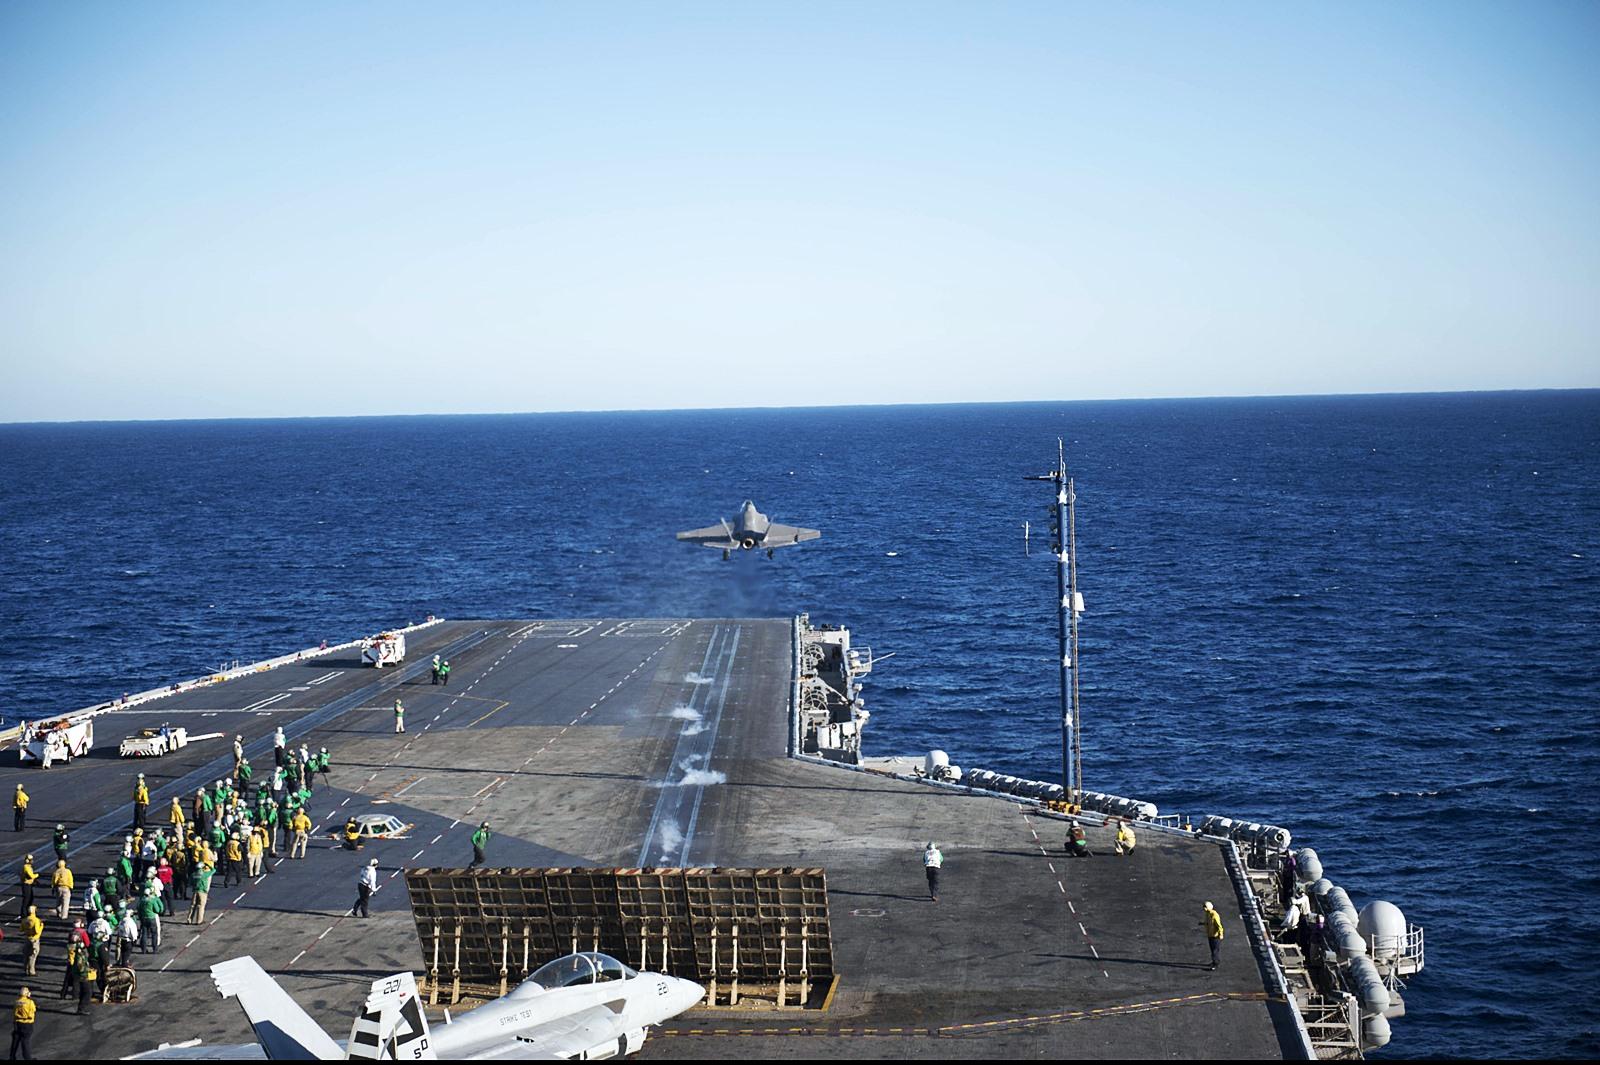 항모에서 처음으로 이륙한 F-35C 공격기